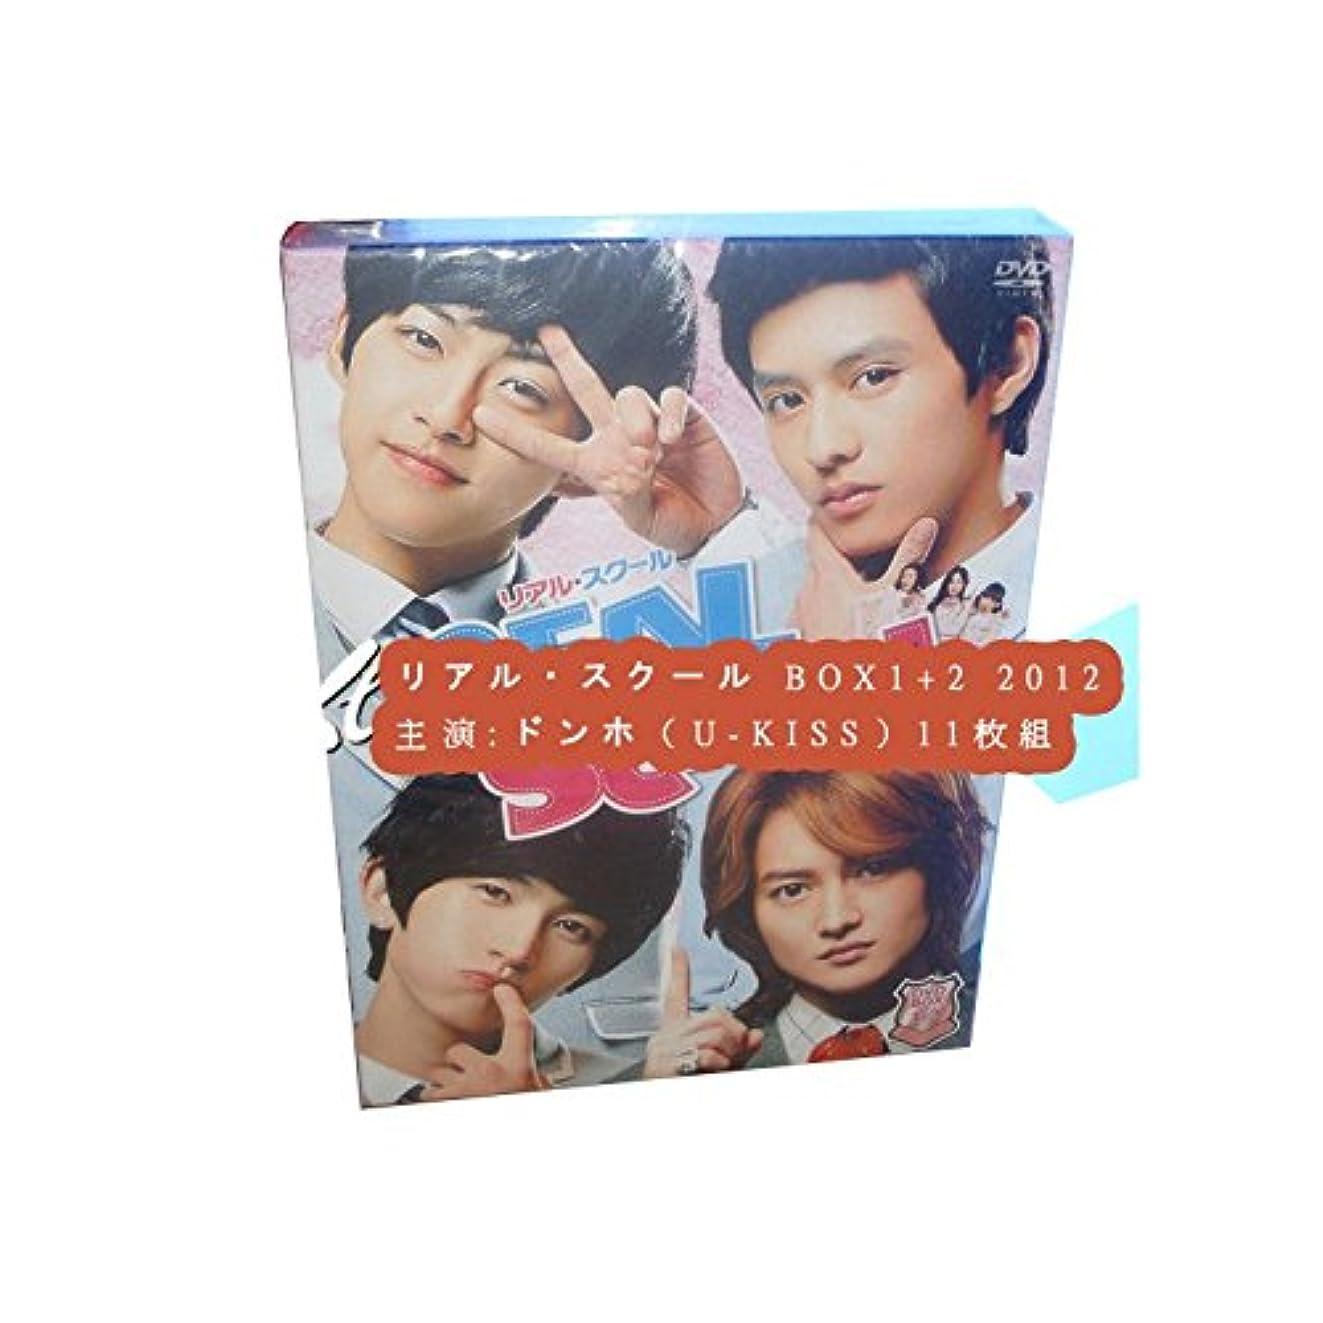 資本主義道浸漬リアル・スクール BOX1+2 2012 主演:ドンホ(U-KISS)